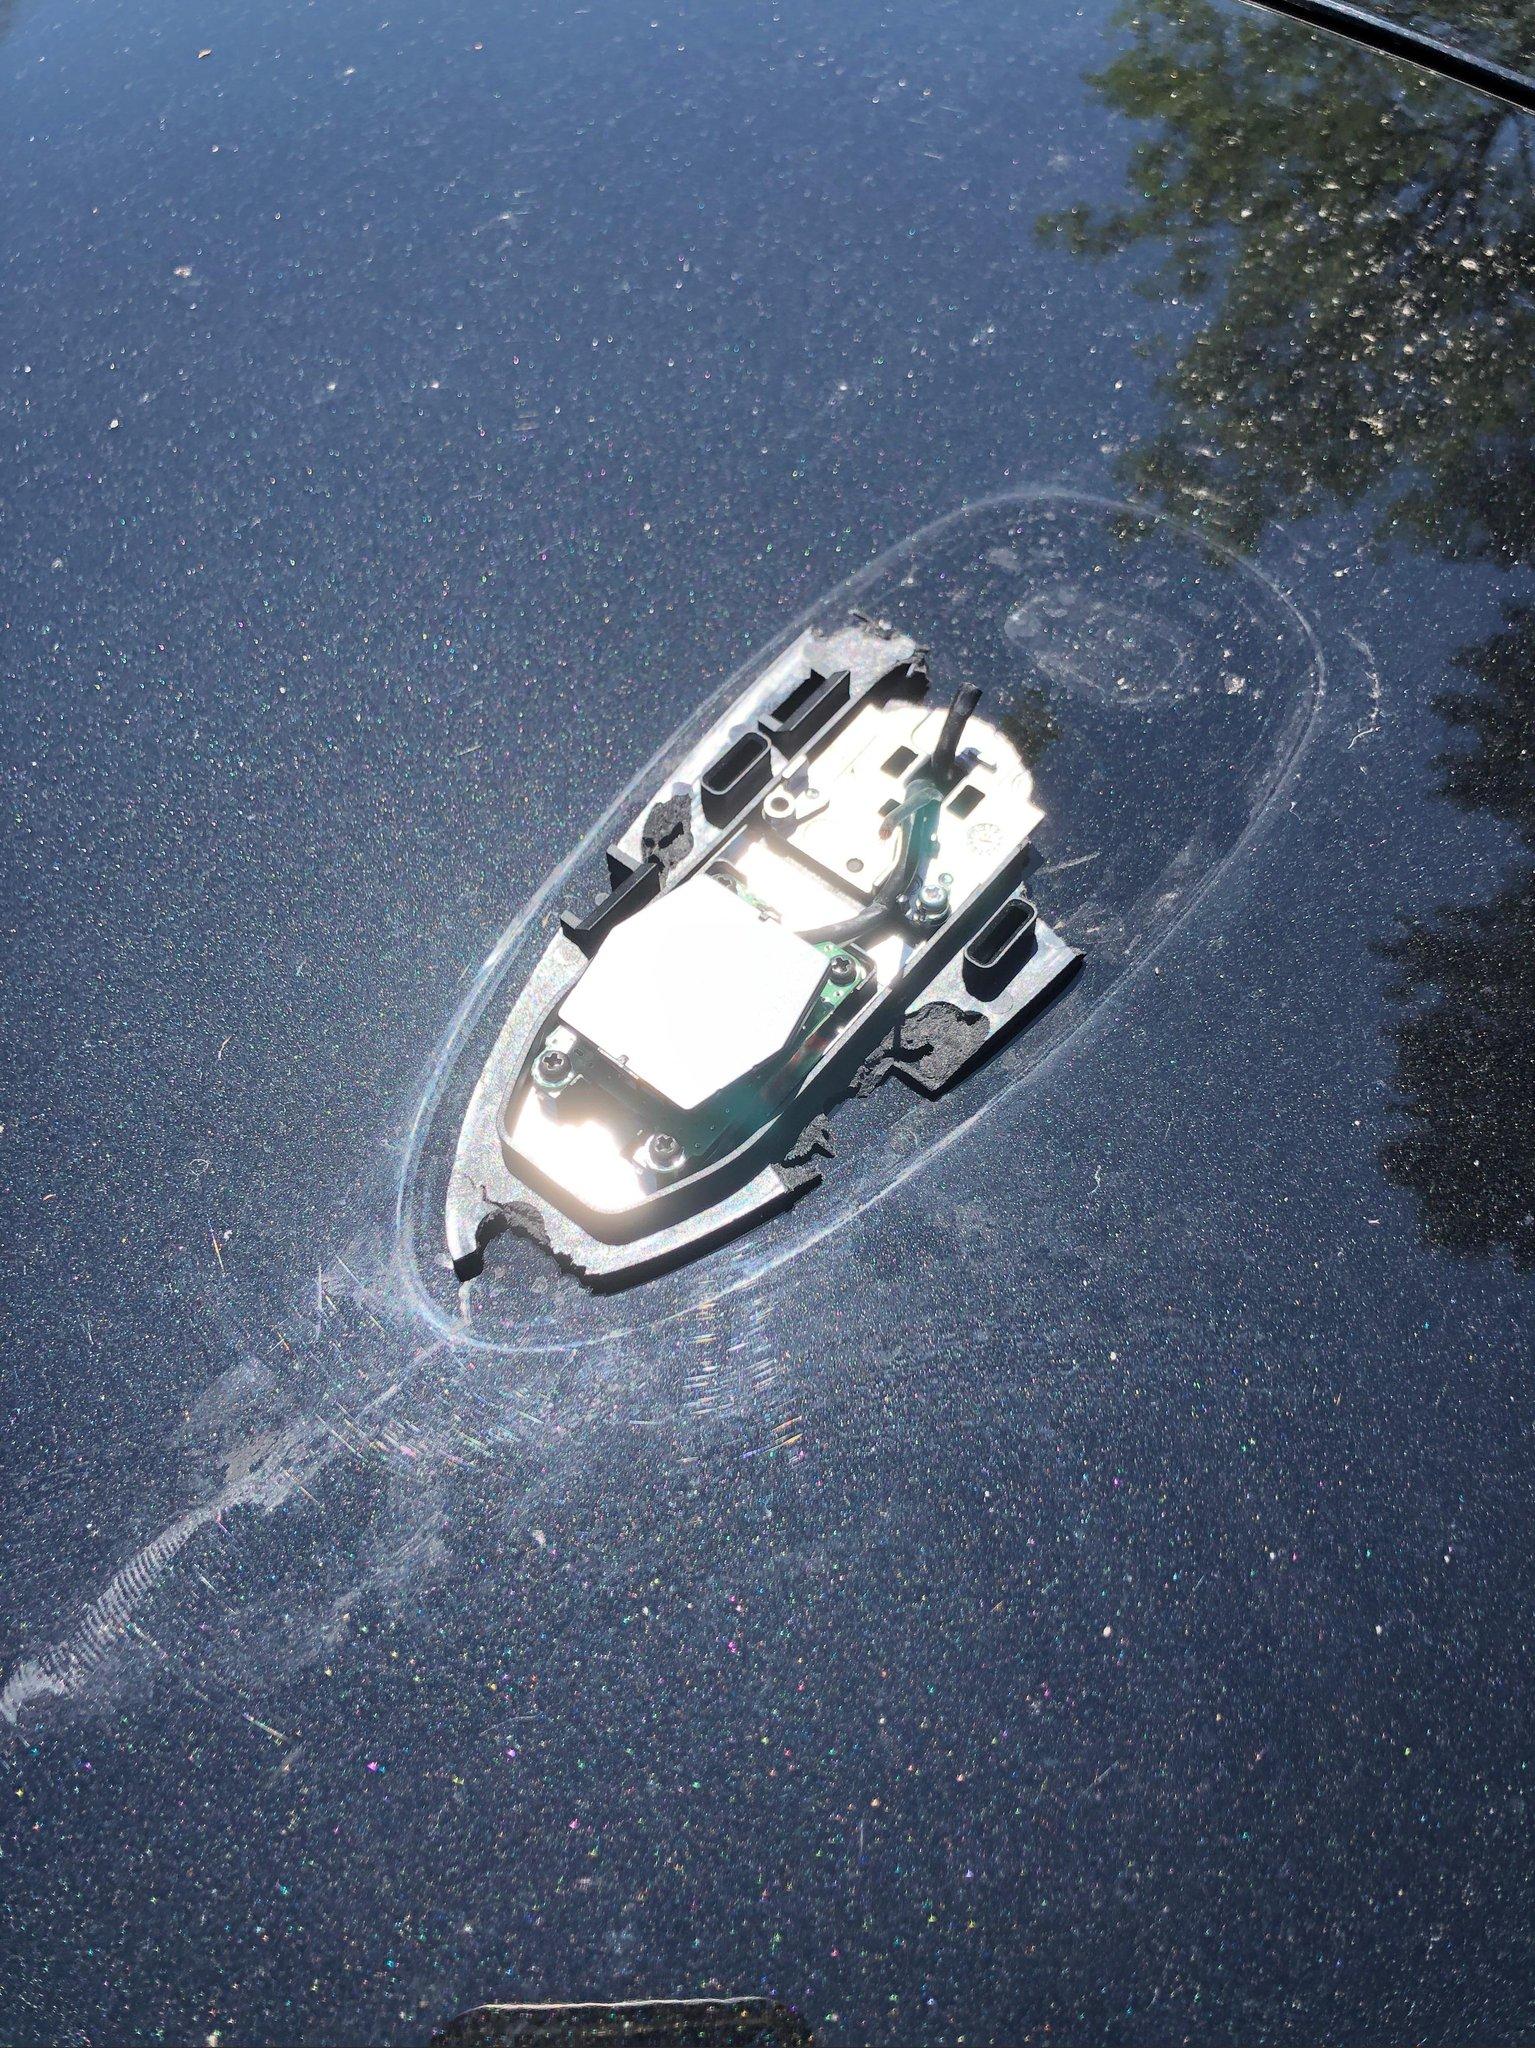 My broken car antenna looks like a half sunken boat. غرائب الصور حول العالم